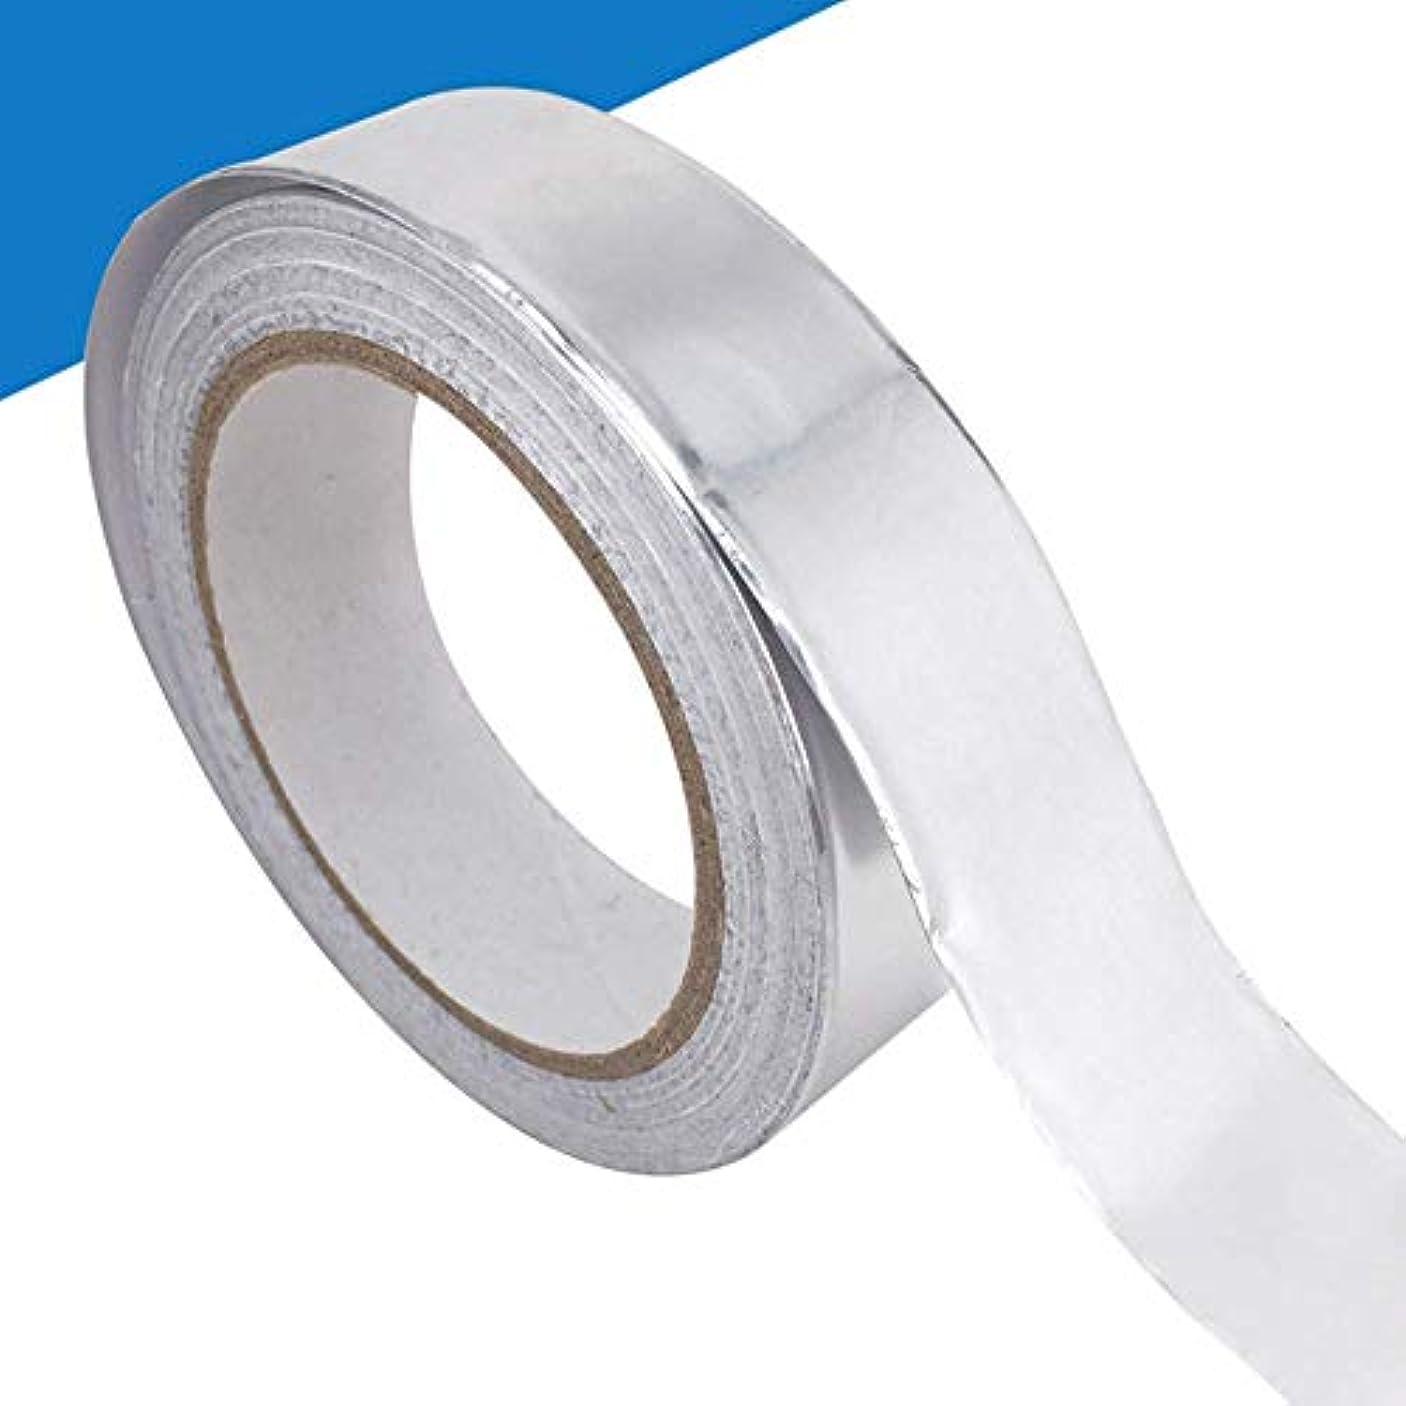 尊敬汗老朽化したSimg 導電性アルミテープ アルミ箔テープ 放射線防護 耐熱性 防水 多機能 25mm幅x20m